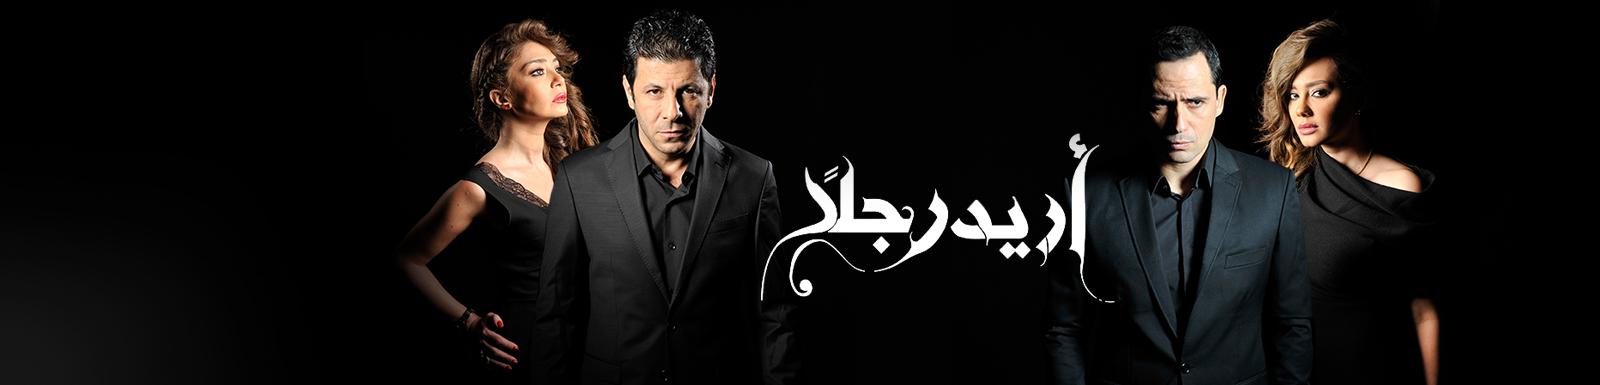 تحميل مسلسل أريد رجلا الحلقة 59 MBC shahid شاهد نت